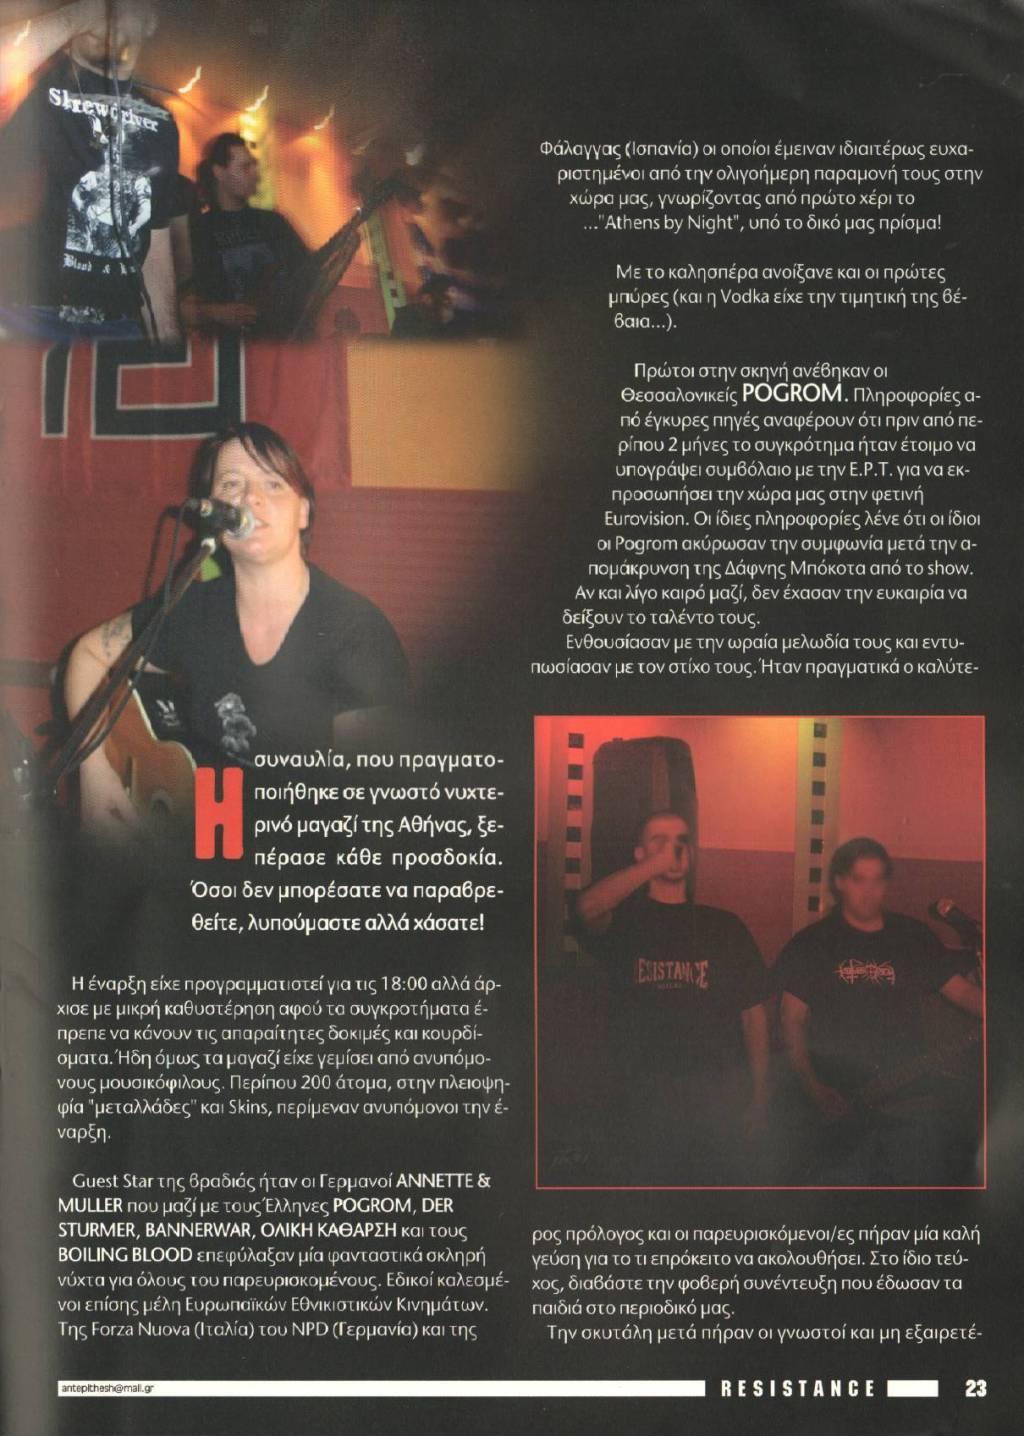 2005-03-ΜΑΡ-ΑΝΤΕΠΙΘΕΣΗ-ΤΧ#22-ΣΕΛ-23 - Ροκ για την πατρίδα 2005-01-30 - Συναυλία σε μαγαζί - Annette & Muller + Pogrom + Ολική Κάθαρση + Boiling Blood - ΑΝΤΕΠΙΘΕΣΗ, Α.Τ. 22, 03-2005, σελ. 23